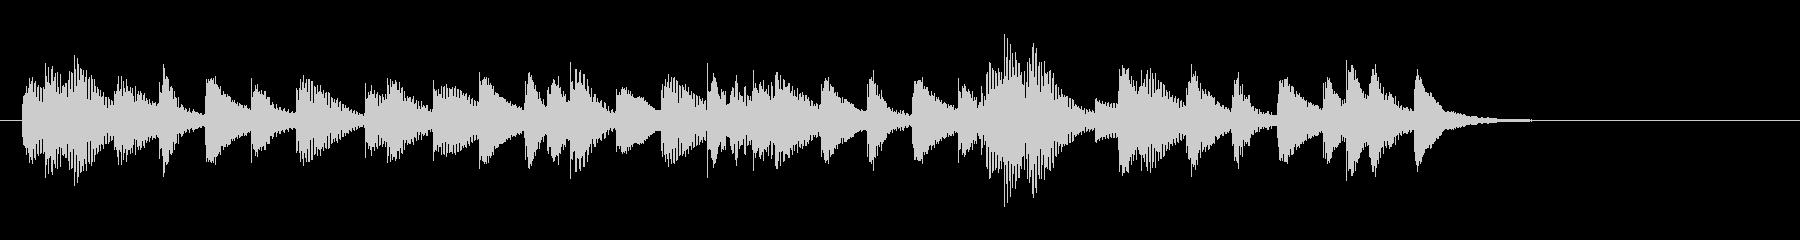 木琴のシンプルなジングル3の未再生の波形